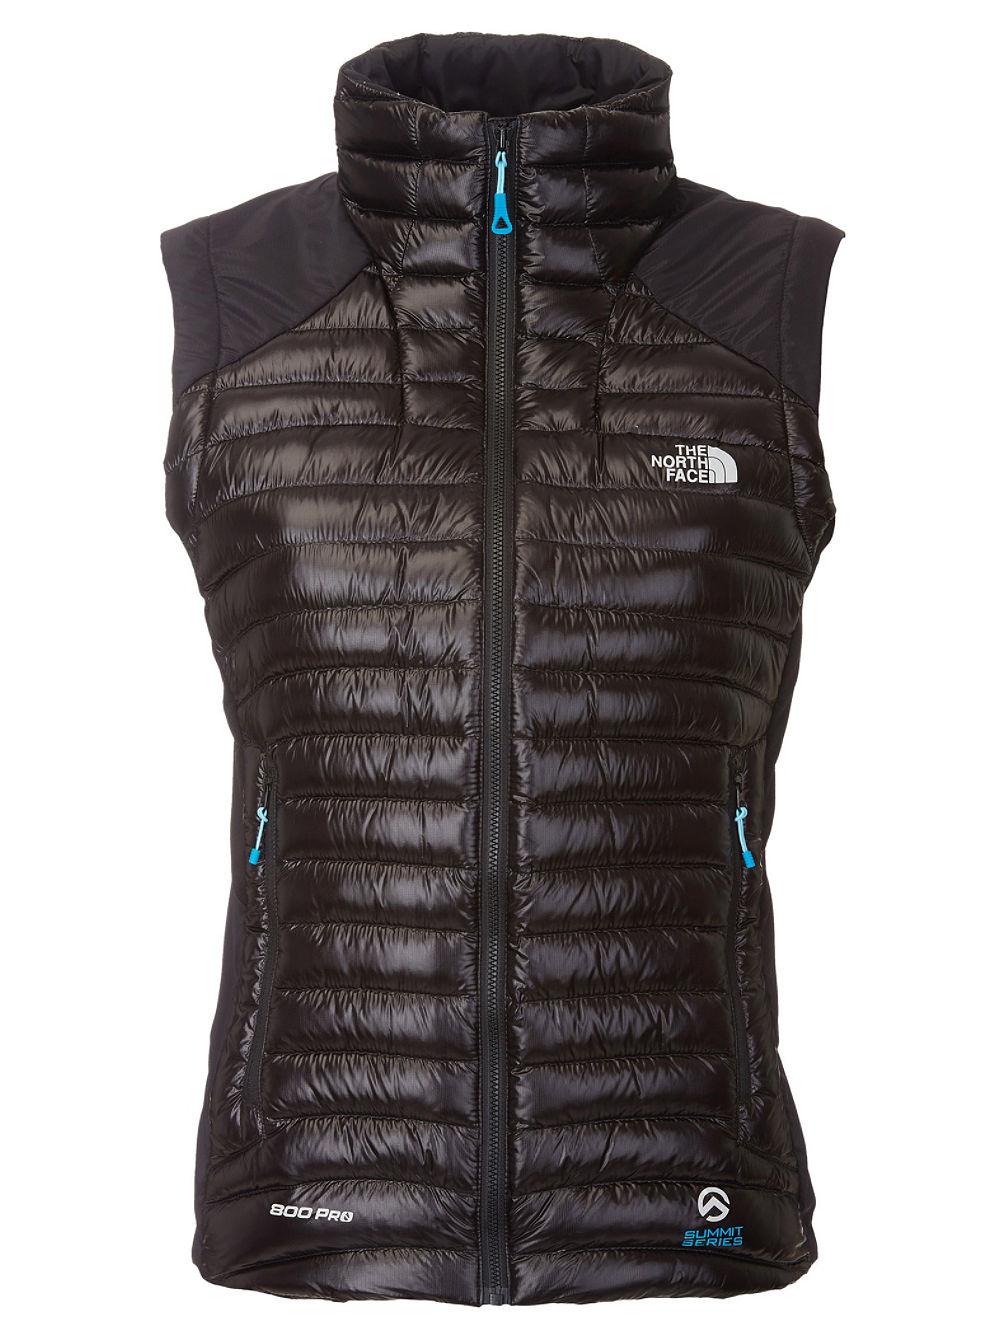 c432f24b7 Verto Micro Vest